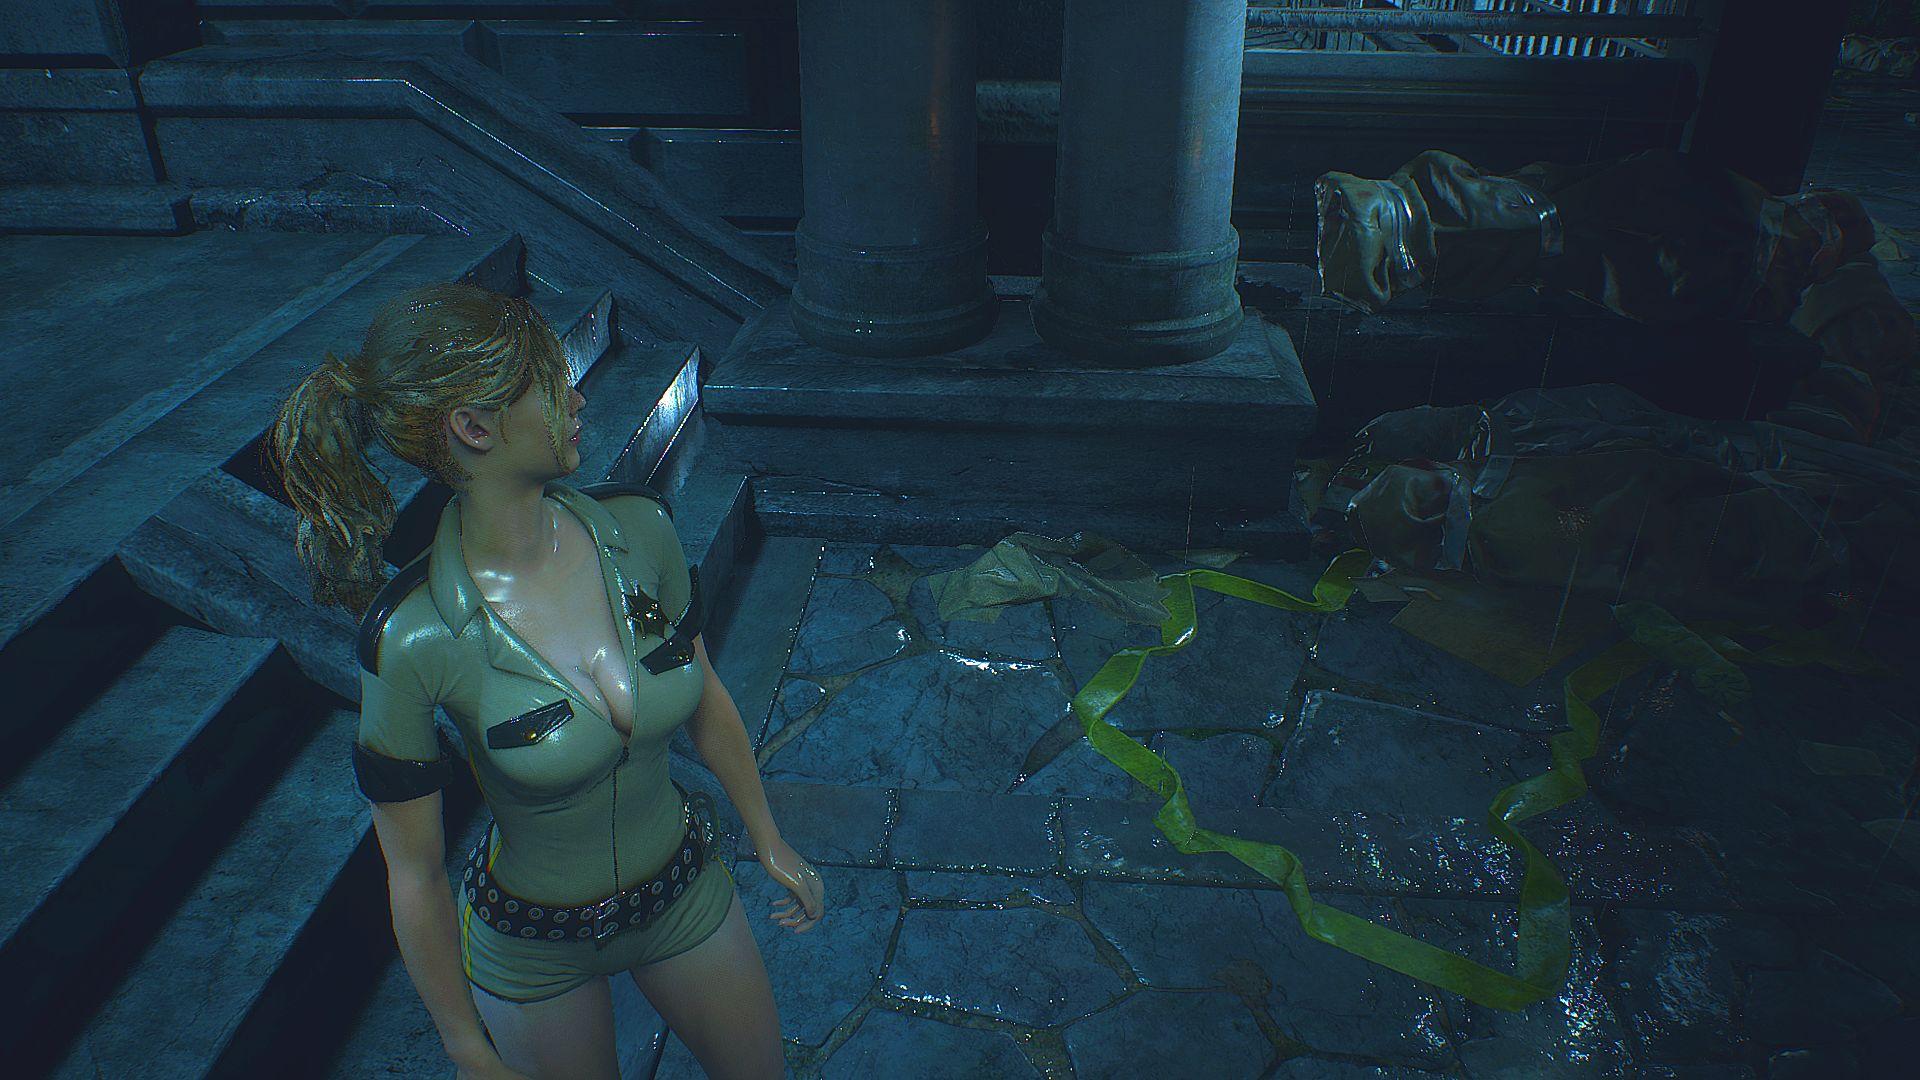 001247.Jpg - Resident Evil 2